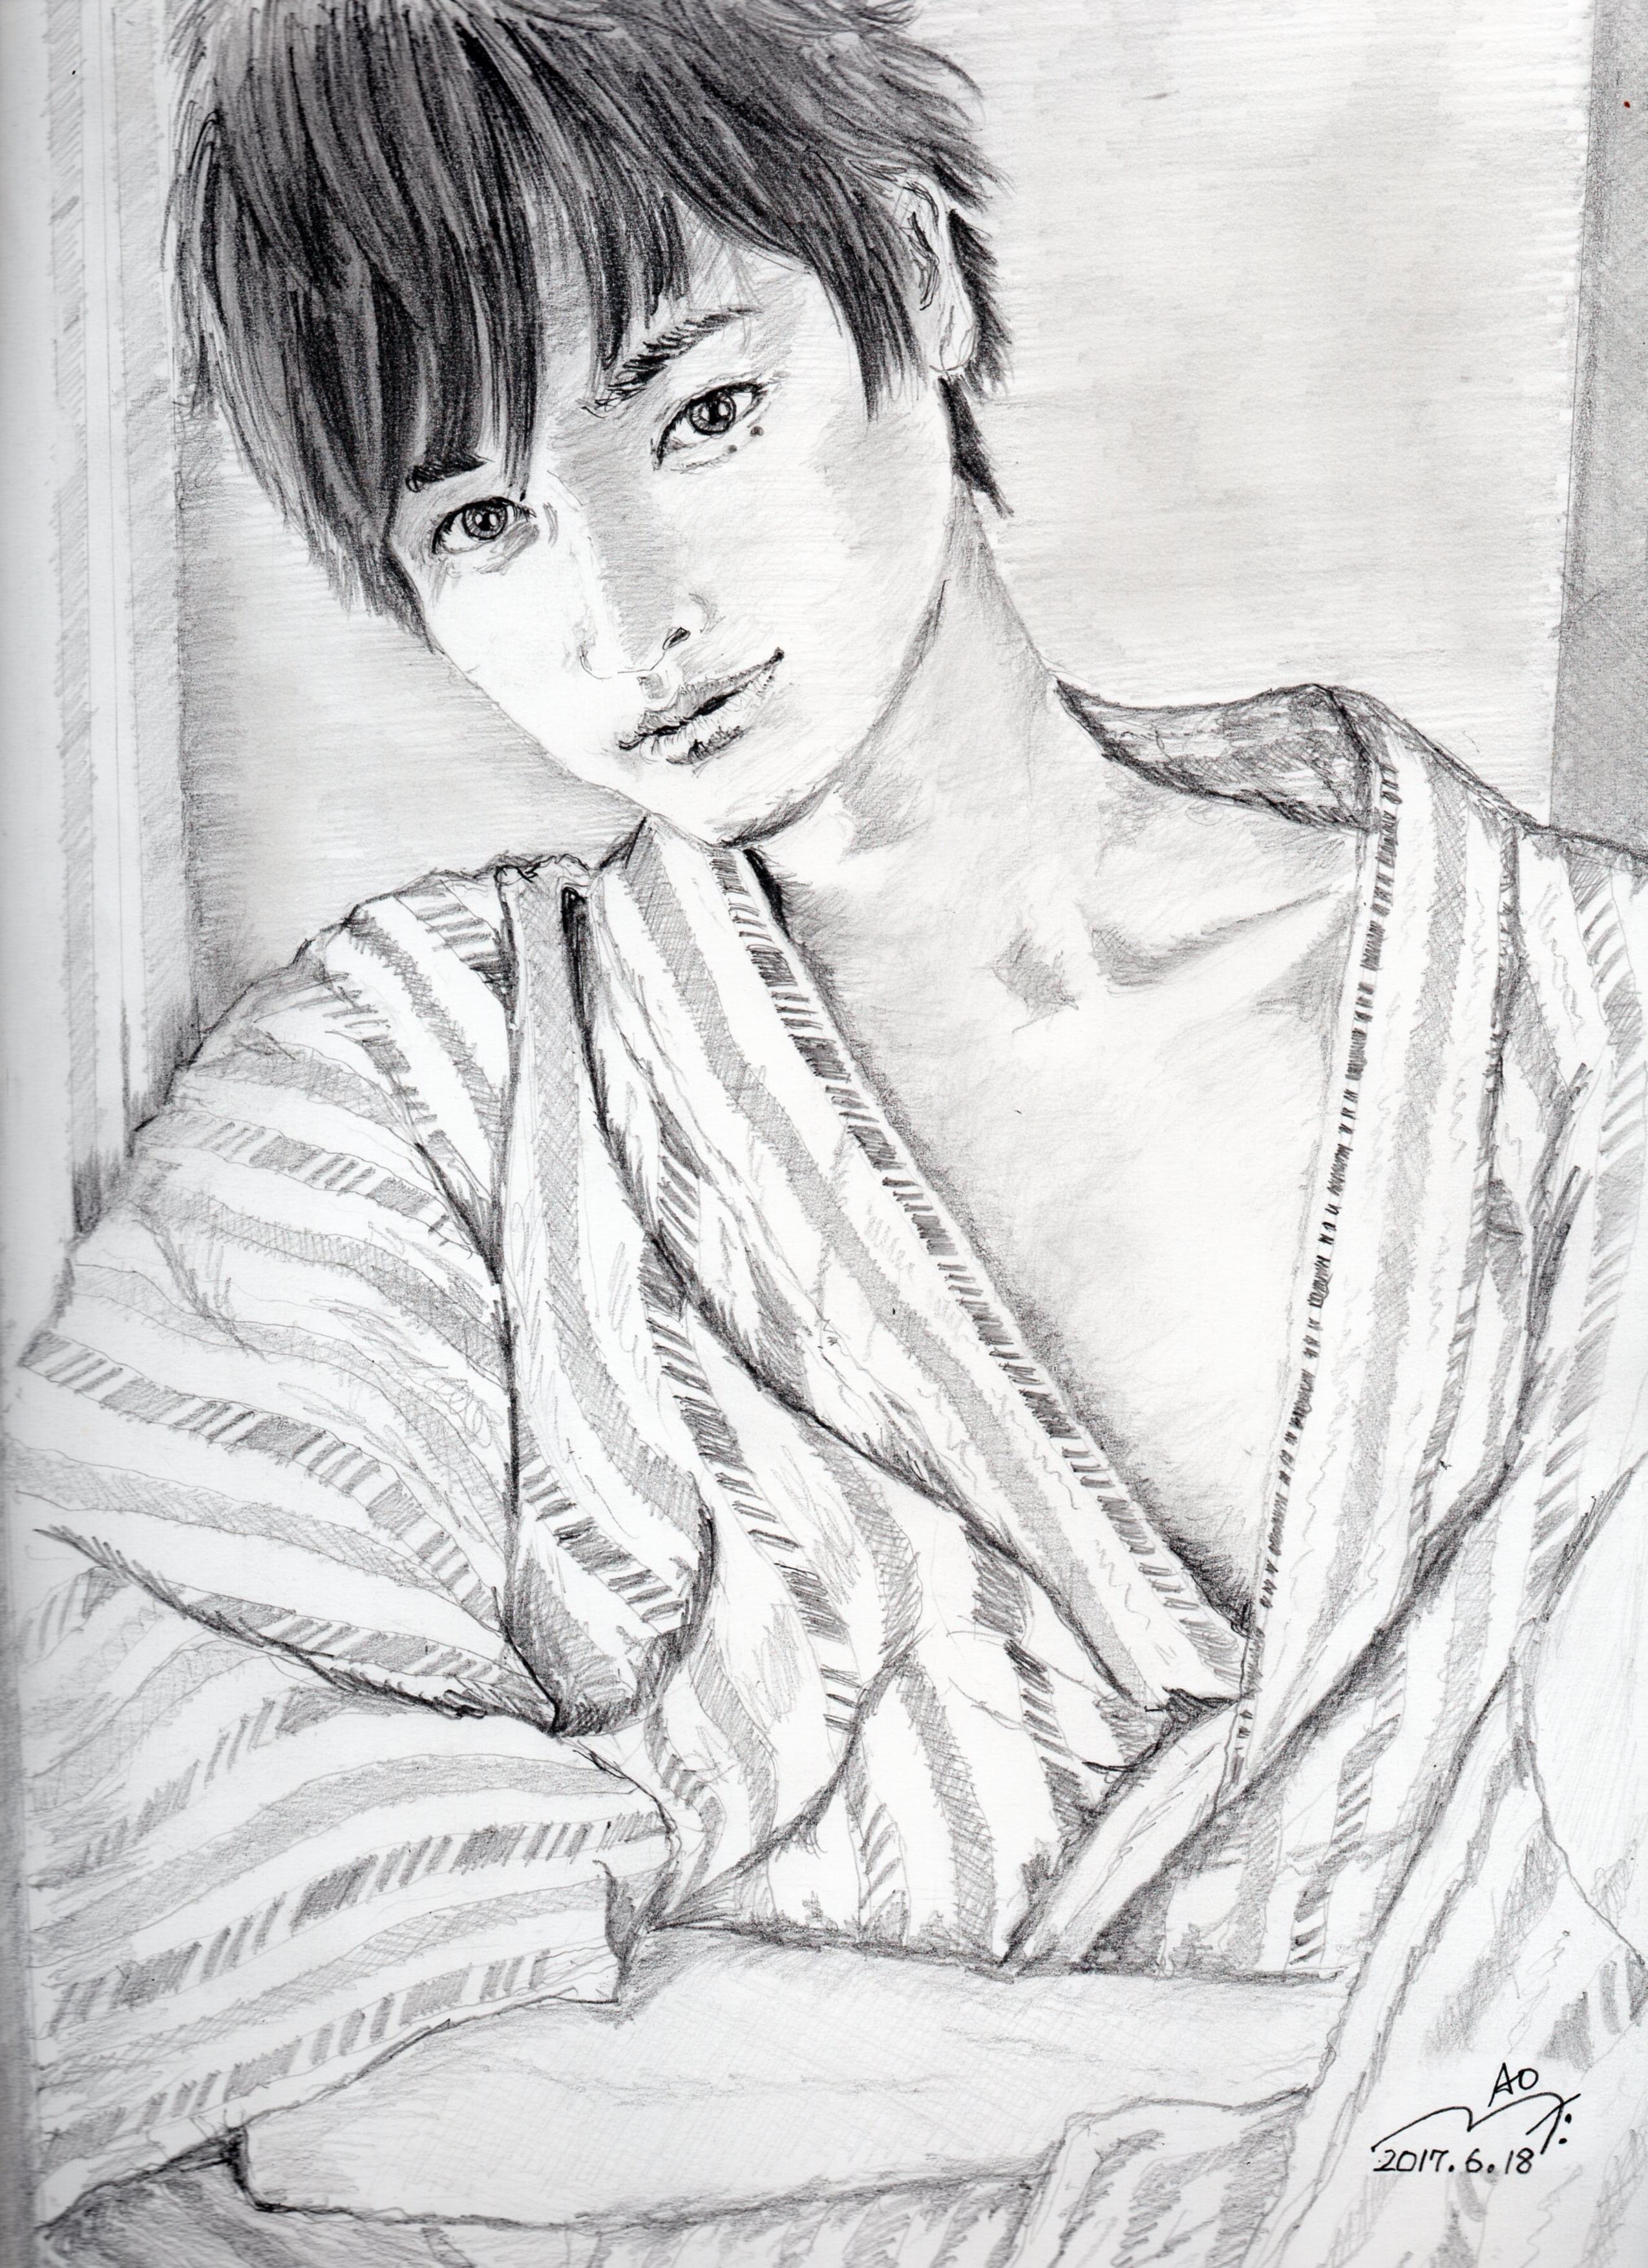 瀬戸康史の浴衣姿鉛筆画似顔絵